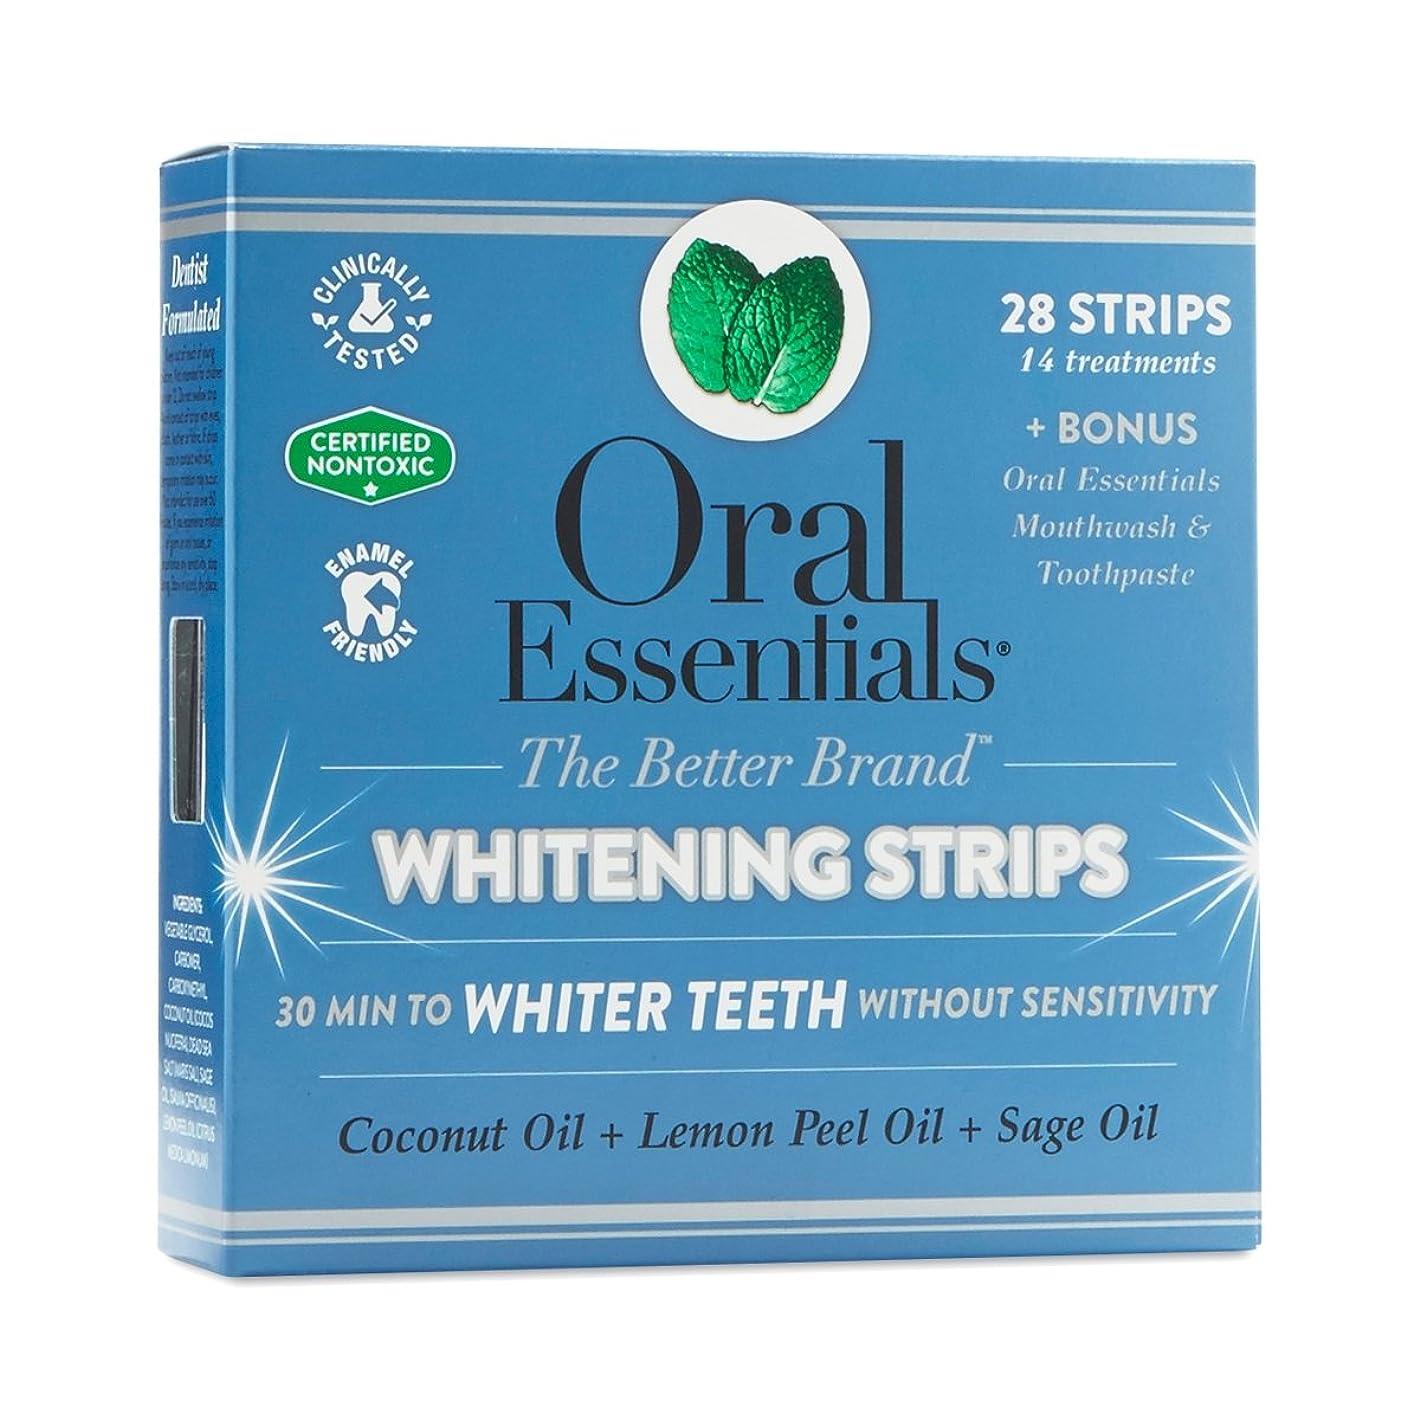 独裁者物理的な異なるホワイトニングストリップ オーラルエッセンシャル 14回分(上下24枚) 過酸化物なし、非毒性、敏感な歯茎に方にもやさしい 海外直送品